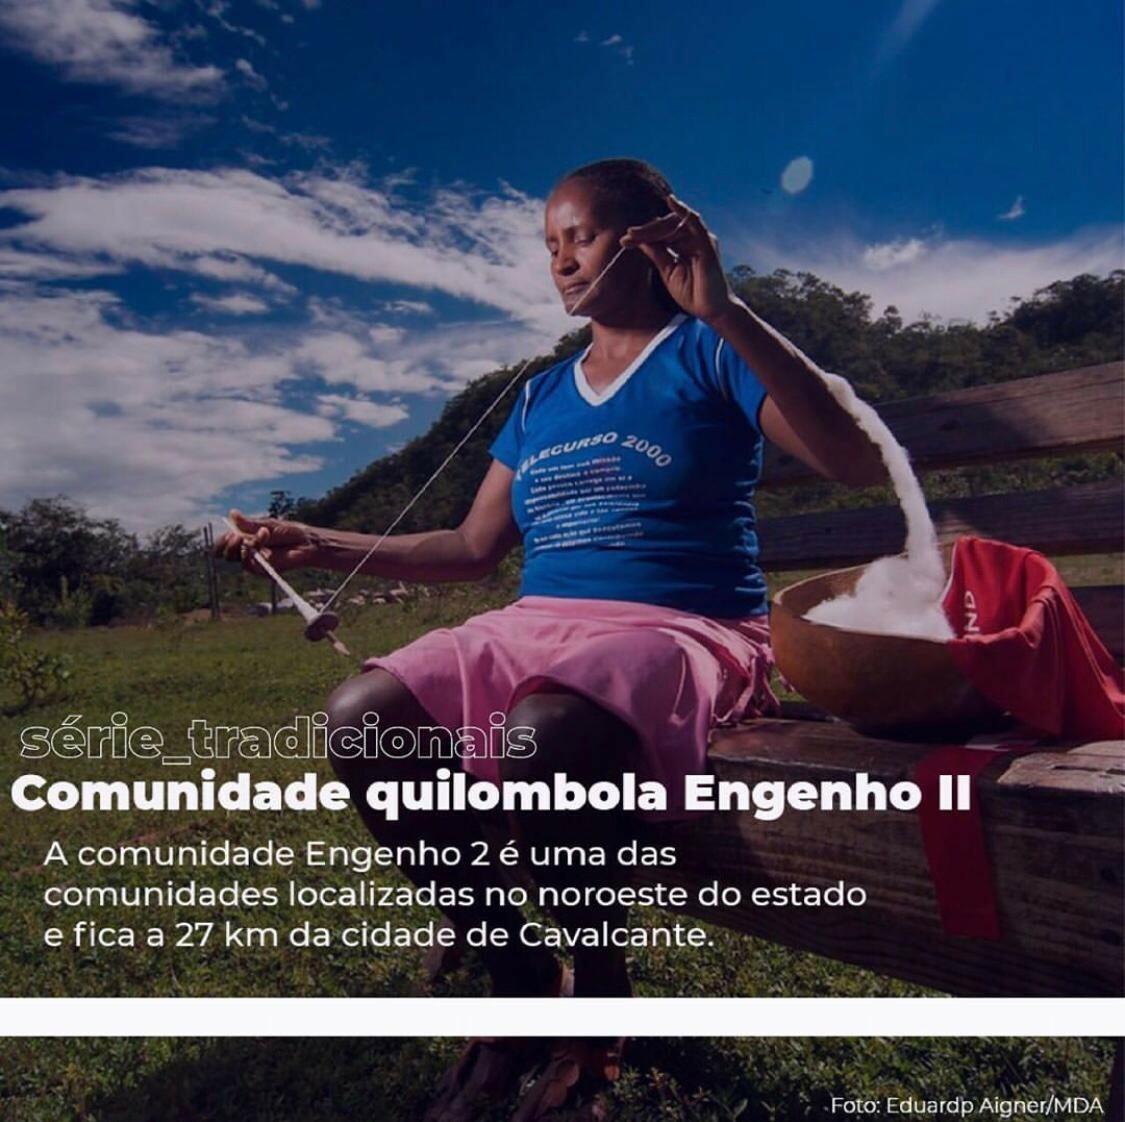 Comunidade Quilombola Engenho II